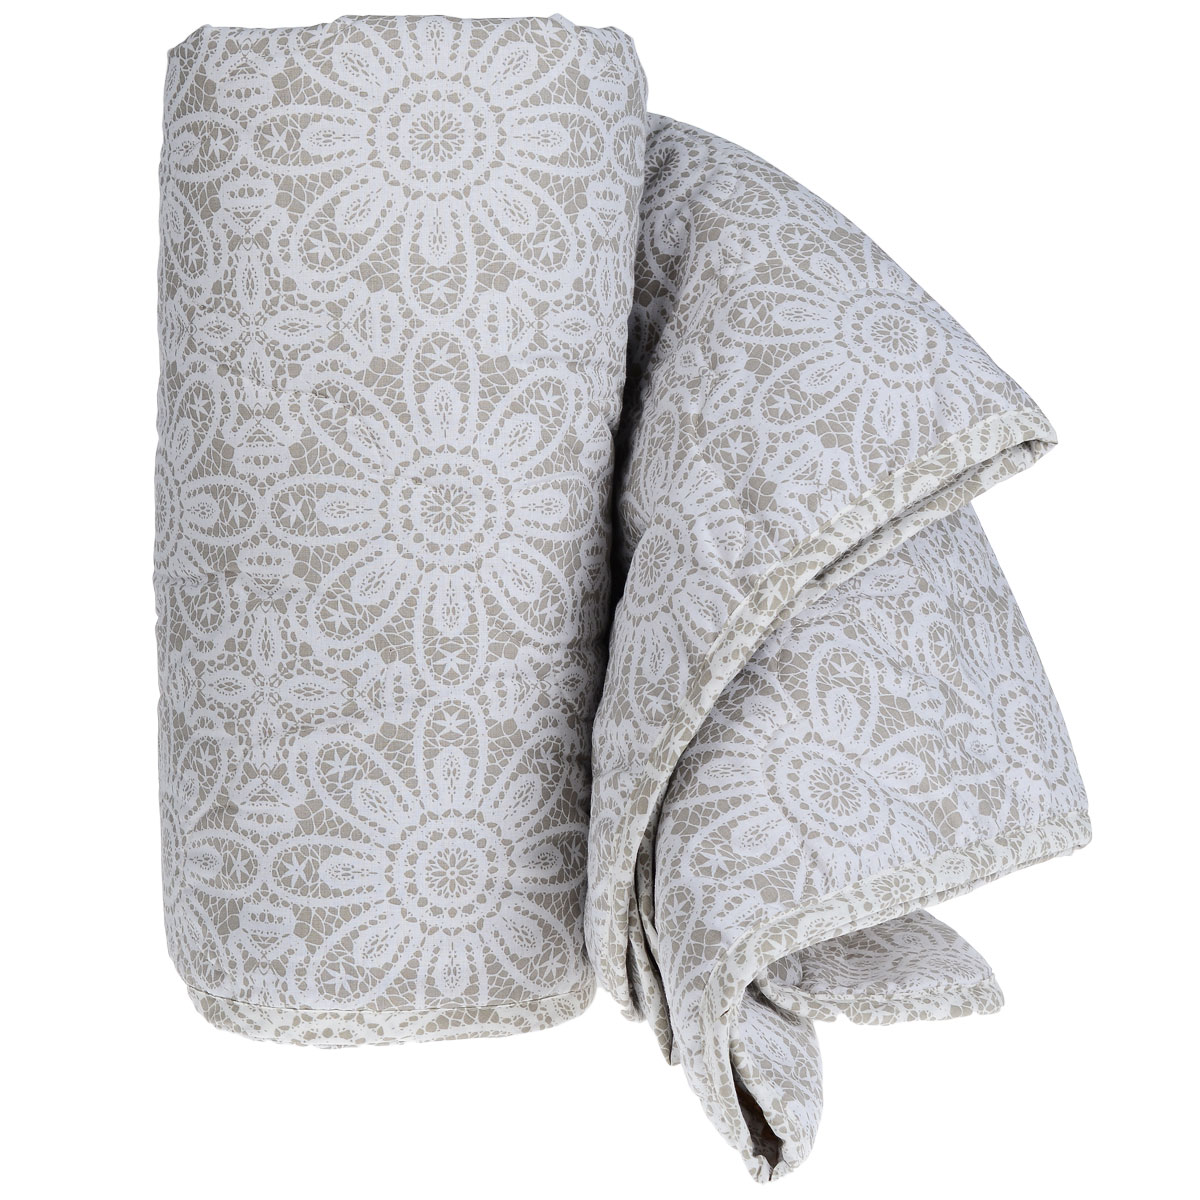 Одеяло летнее Green Line, наполнитель: льняное волокно, 172 х 205 см531-105Летнее одеяло Green Line подарит незабываемое чувство комфорта и уюта во время сна. Верх выполнен из ранфорса (100% хлопок) с красивым рисунком, напоминающим кружево. Внутри - наполнитель из льняного волокна. Это экологически чистый натуральный материал, который позаботится о вашем здоровье и подарит комфортный сон. Лен обладает уникальными свойствами: он холодит в жару и согревает в холод, он полезен для здоровья, так как является природным антисептиком. Благодаря пористой структуре, ткань дышит и создается эффект активного дыхания. Стежка и кант по краю не позволяют наполнителю скатываться и равномерно удерживают его внутри. Одеяло легкое и тонкое - оно идеально подойдет для лета, под ним будет прохладно и комфортно спать в жару. Рекомендации по уходу: - запрещается стирка в стиральной машине и вручную, - не отбеливать, - нельзя отжимать и сушить в стиральной машине, - не гладить, - химчистка с мягкими растворителями, - сушить вертикально. Материал чехла: ранфорс (100% хлопок).Наполнитель: лен (натуральное волокно 90%, полиэстер 10%). Размер: 172 см х 205 см.Масса наполнителя: 150 г/м2.